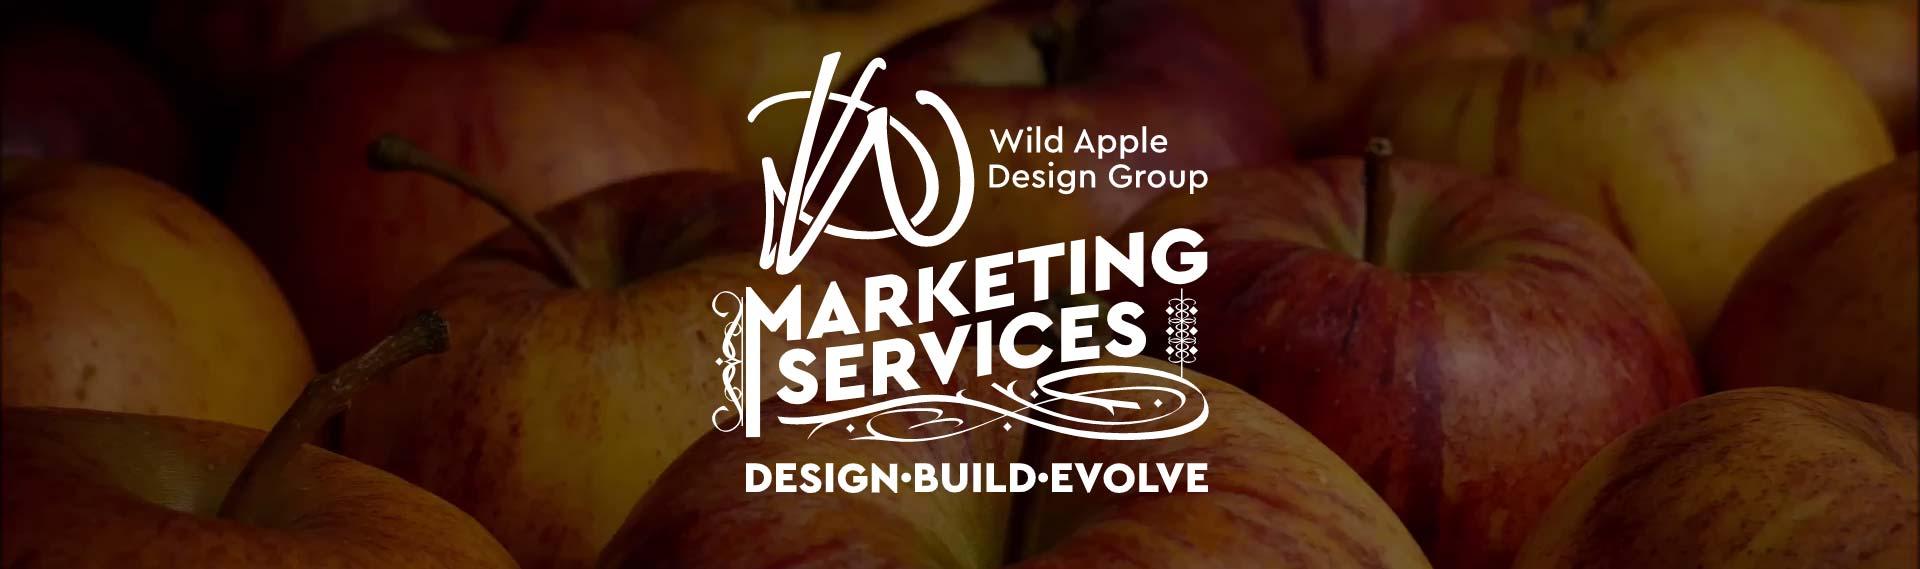 wild-apple-design-logo-banner.jpg